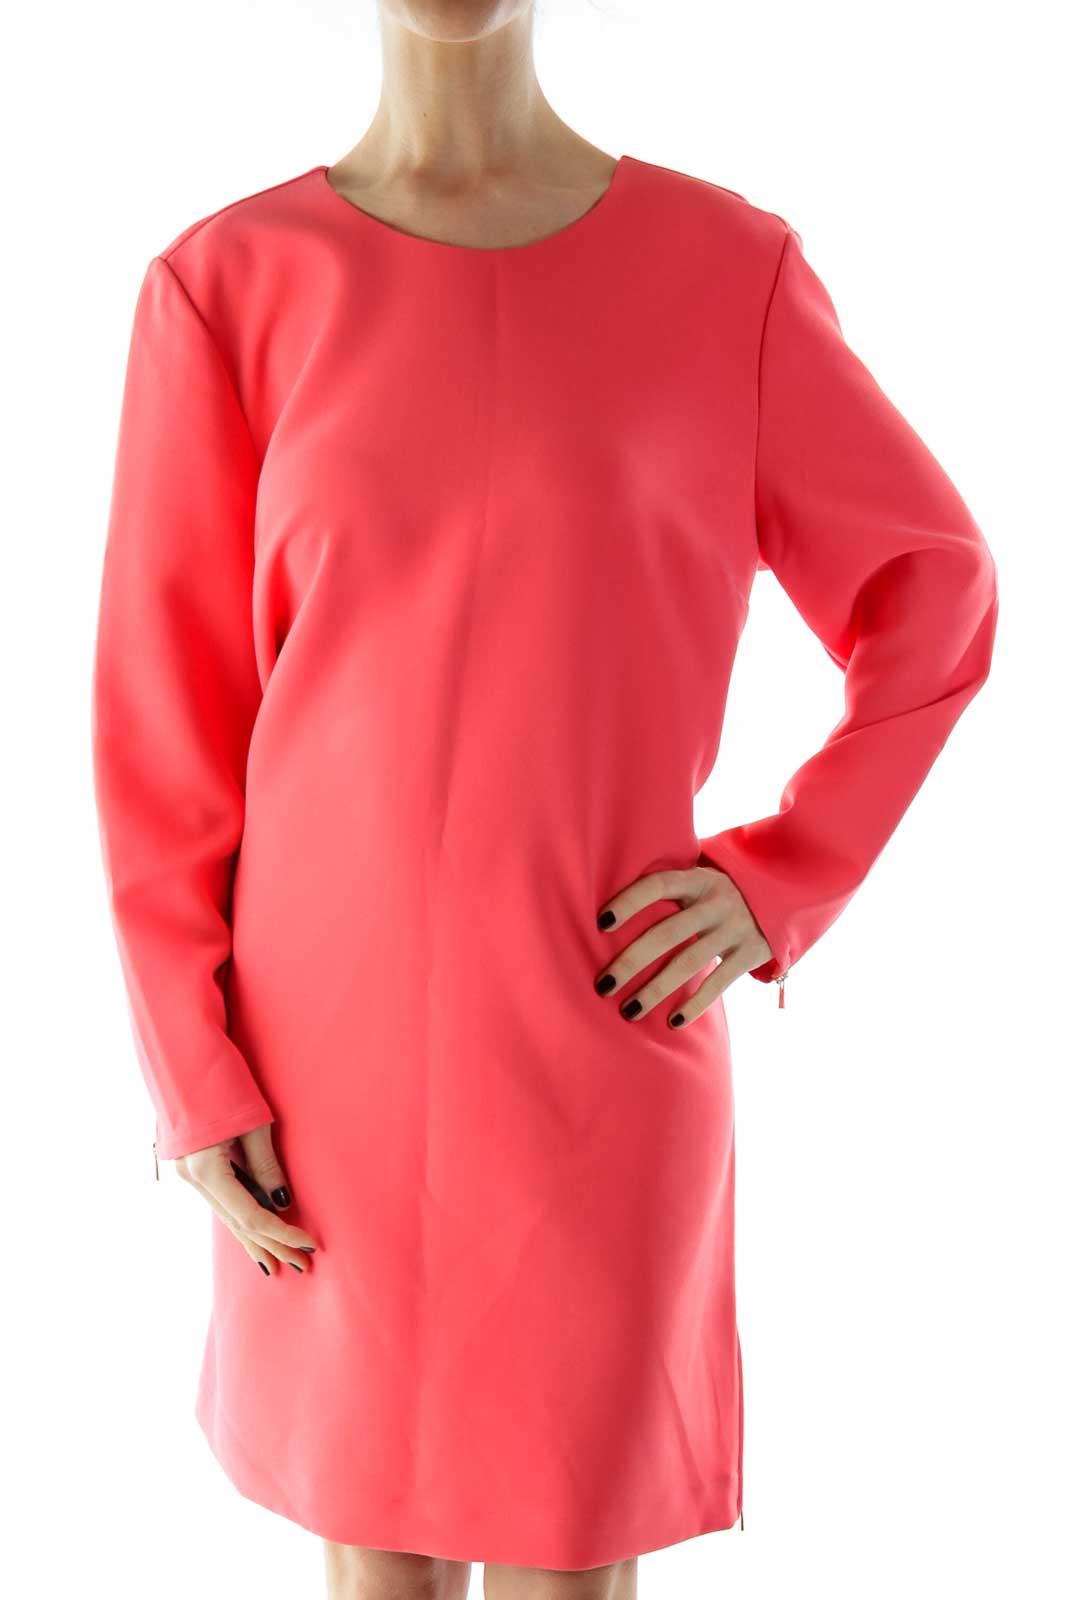 Pink Zippered Dress Front